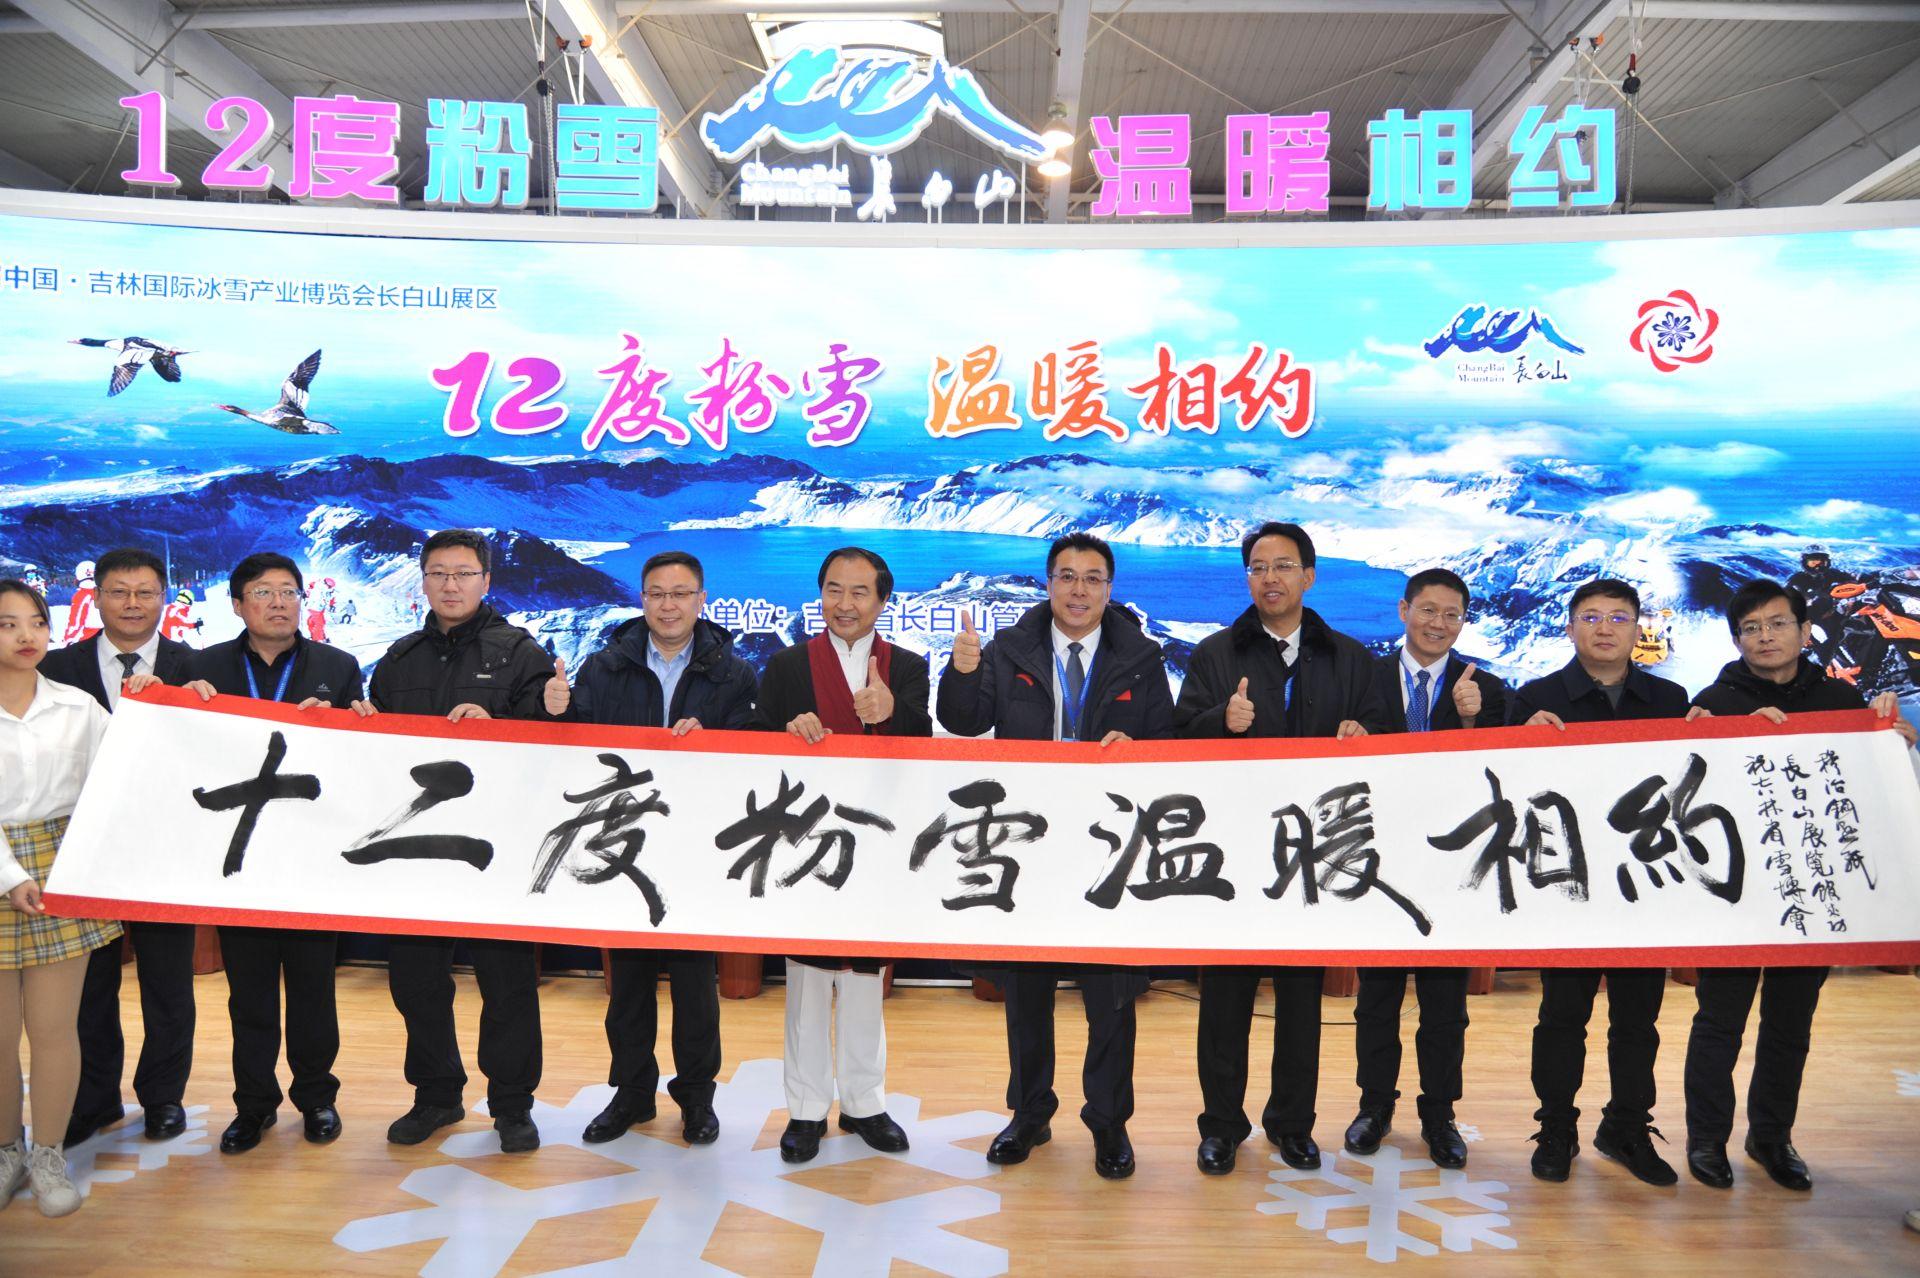 十二度粉雪 温暖相约——第四届中国·吉林国际冰雪产业博览会长白山展位成亮点